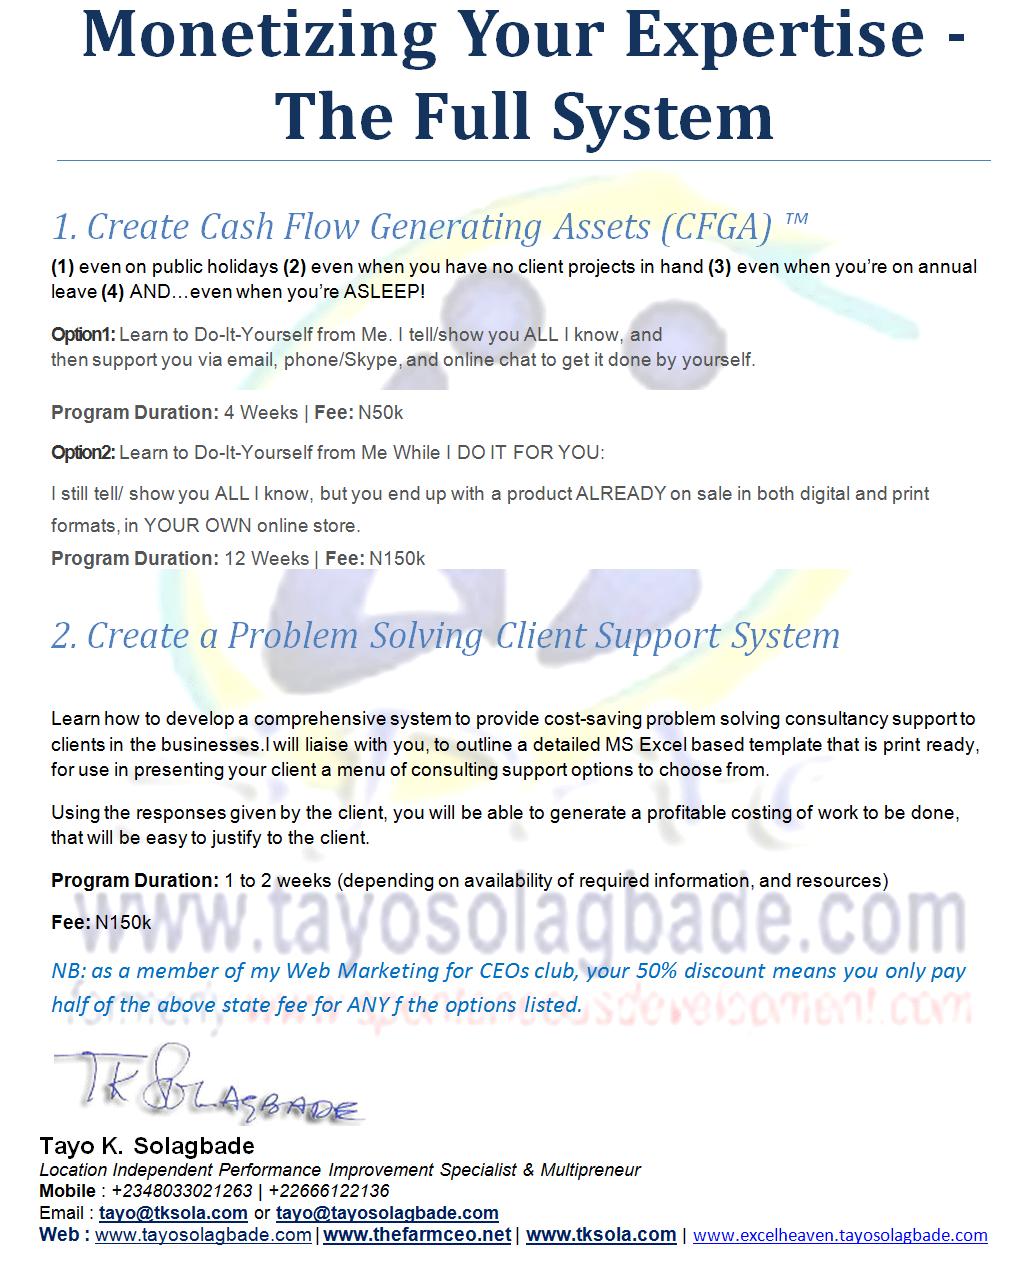 mye-the-full0system